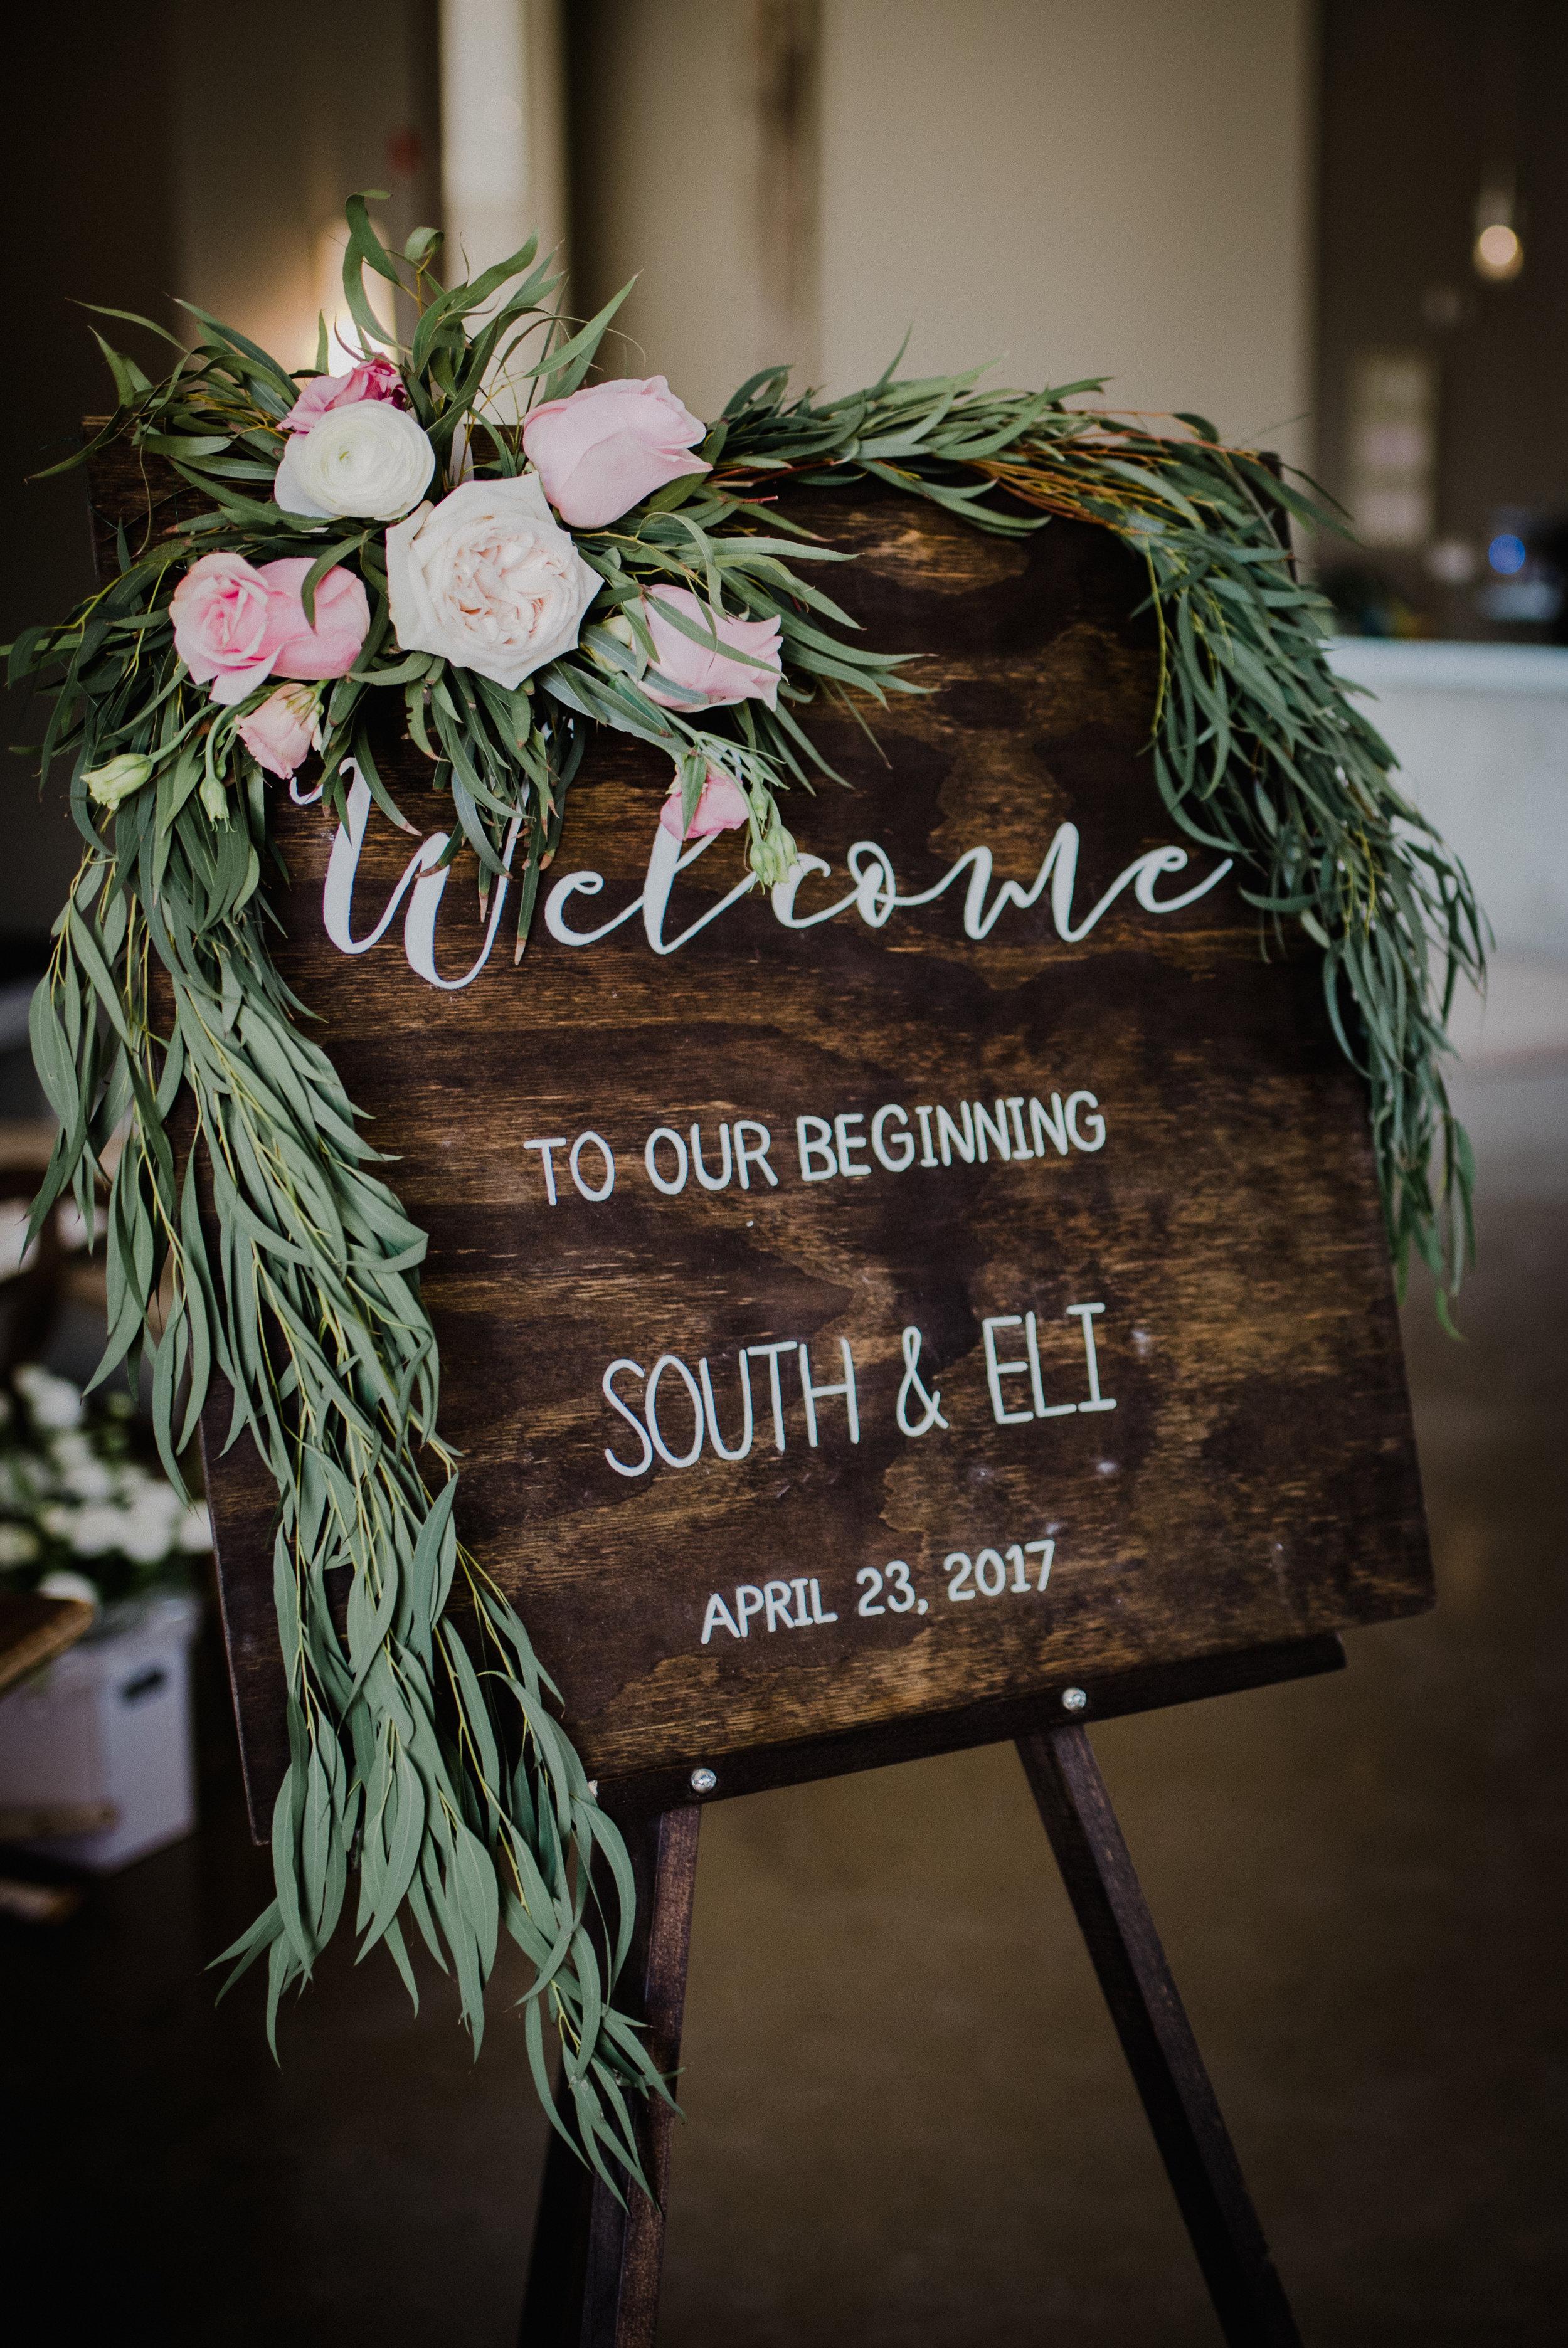 e Belvedere, Wakefield Wedding - Reception Details 8